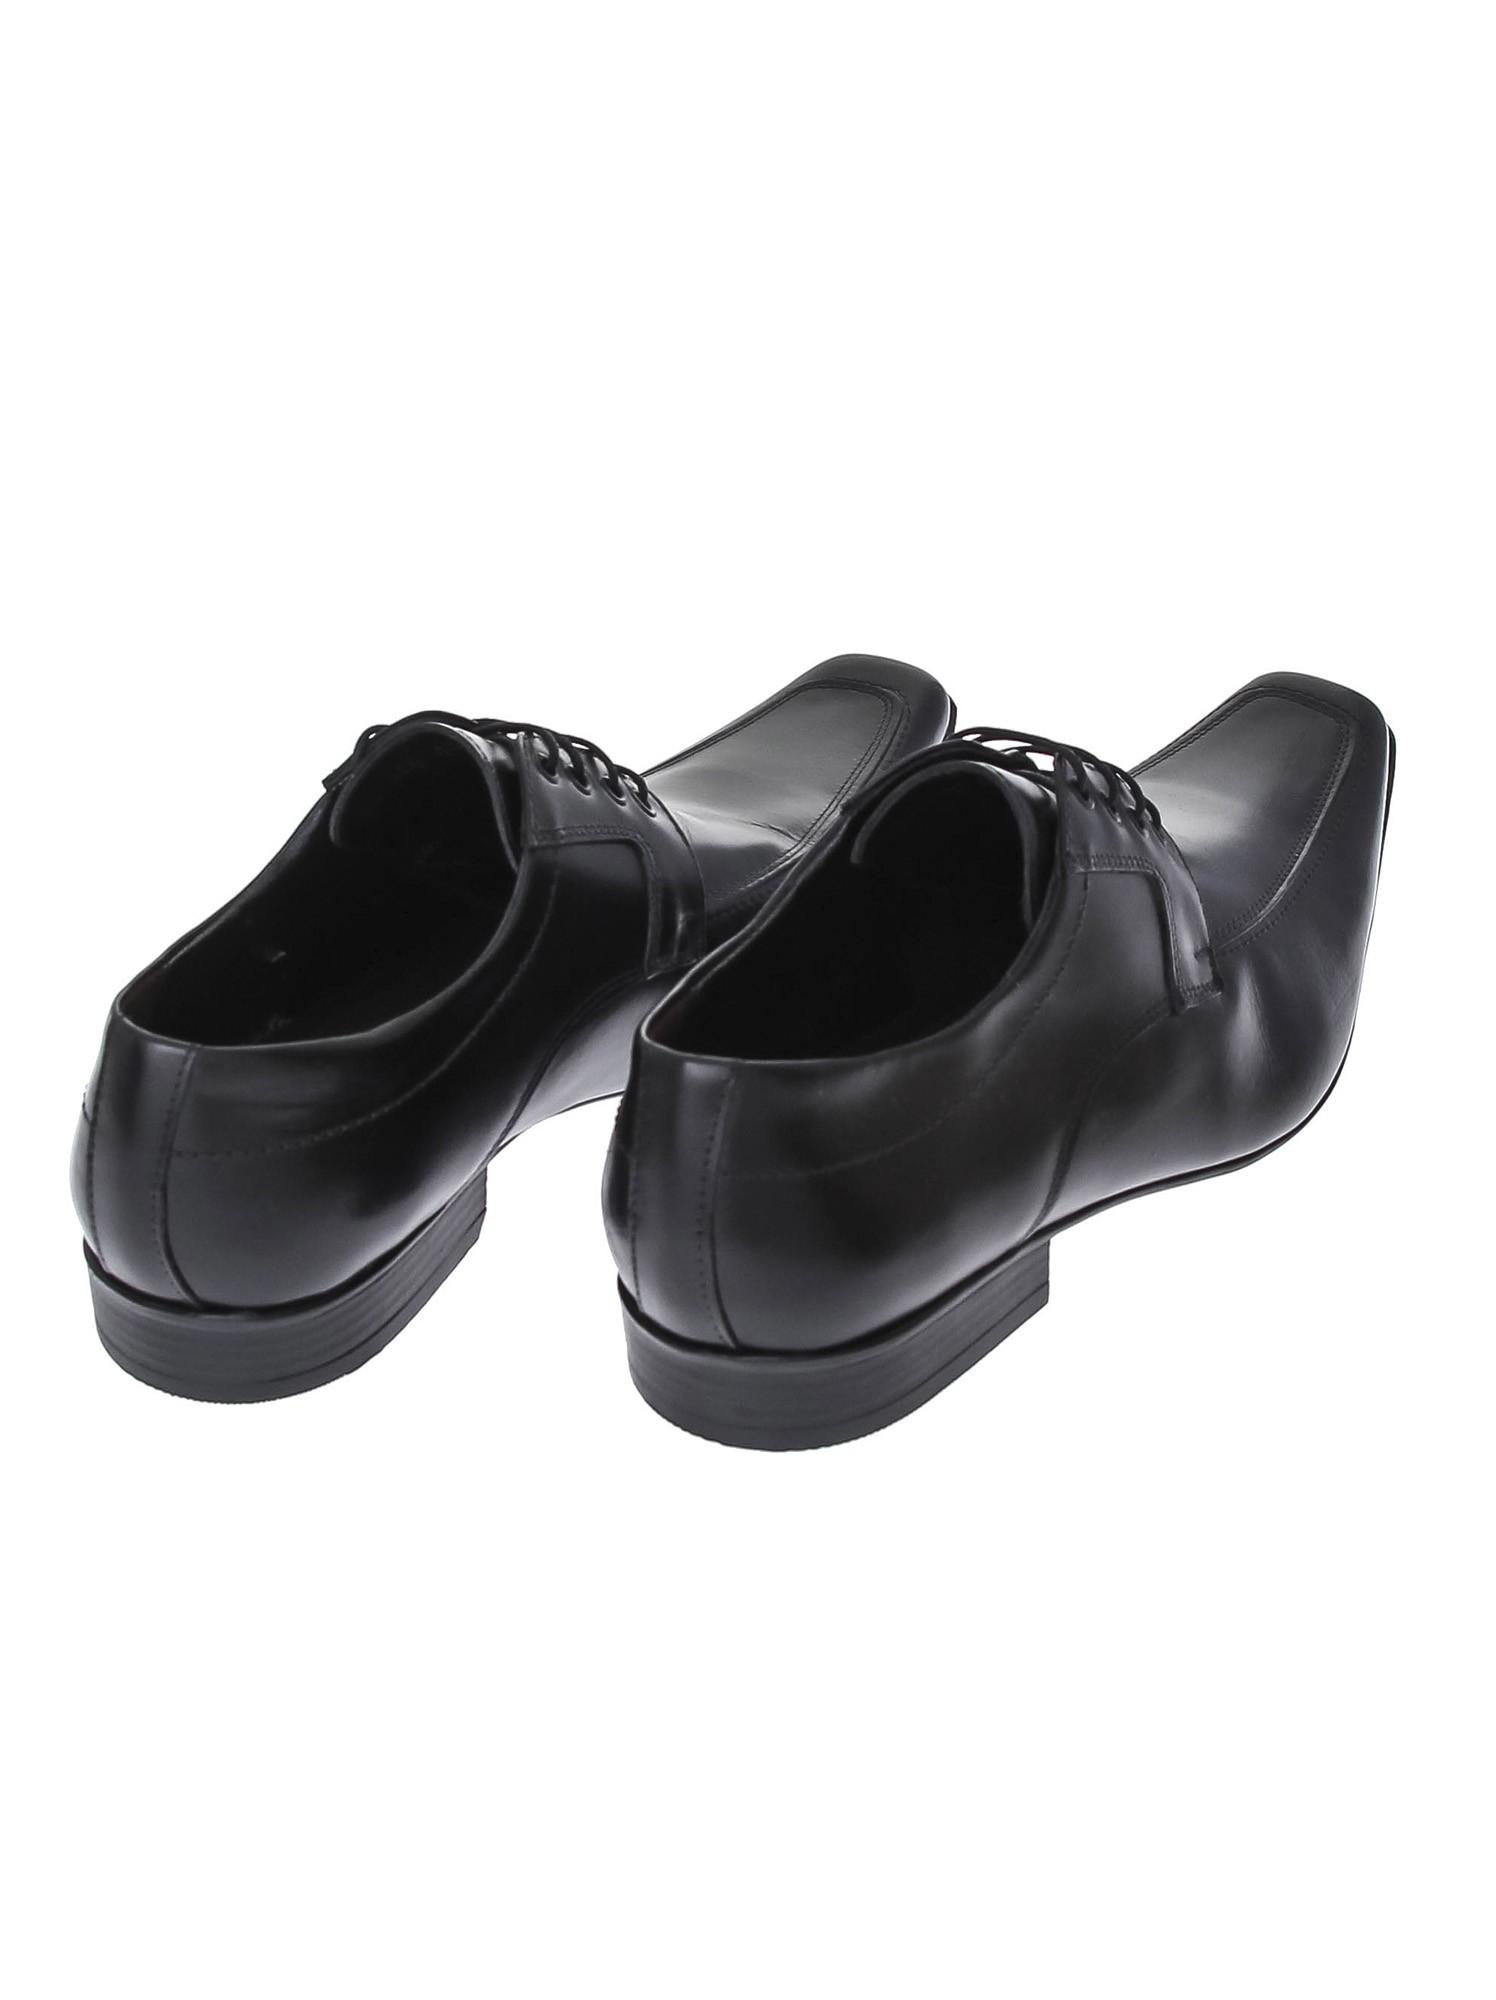 Sapato Social Couro Preto Solado Borracha